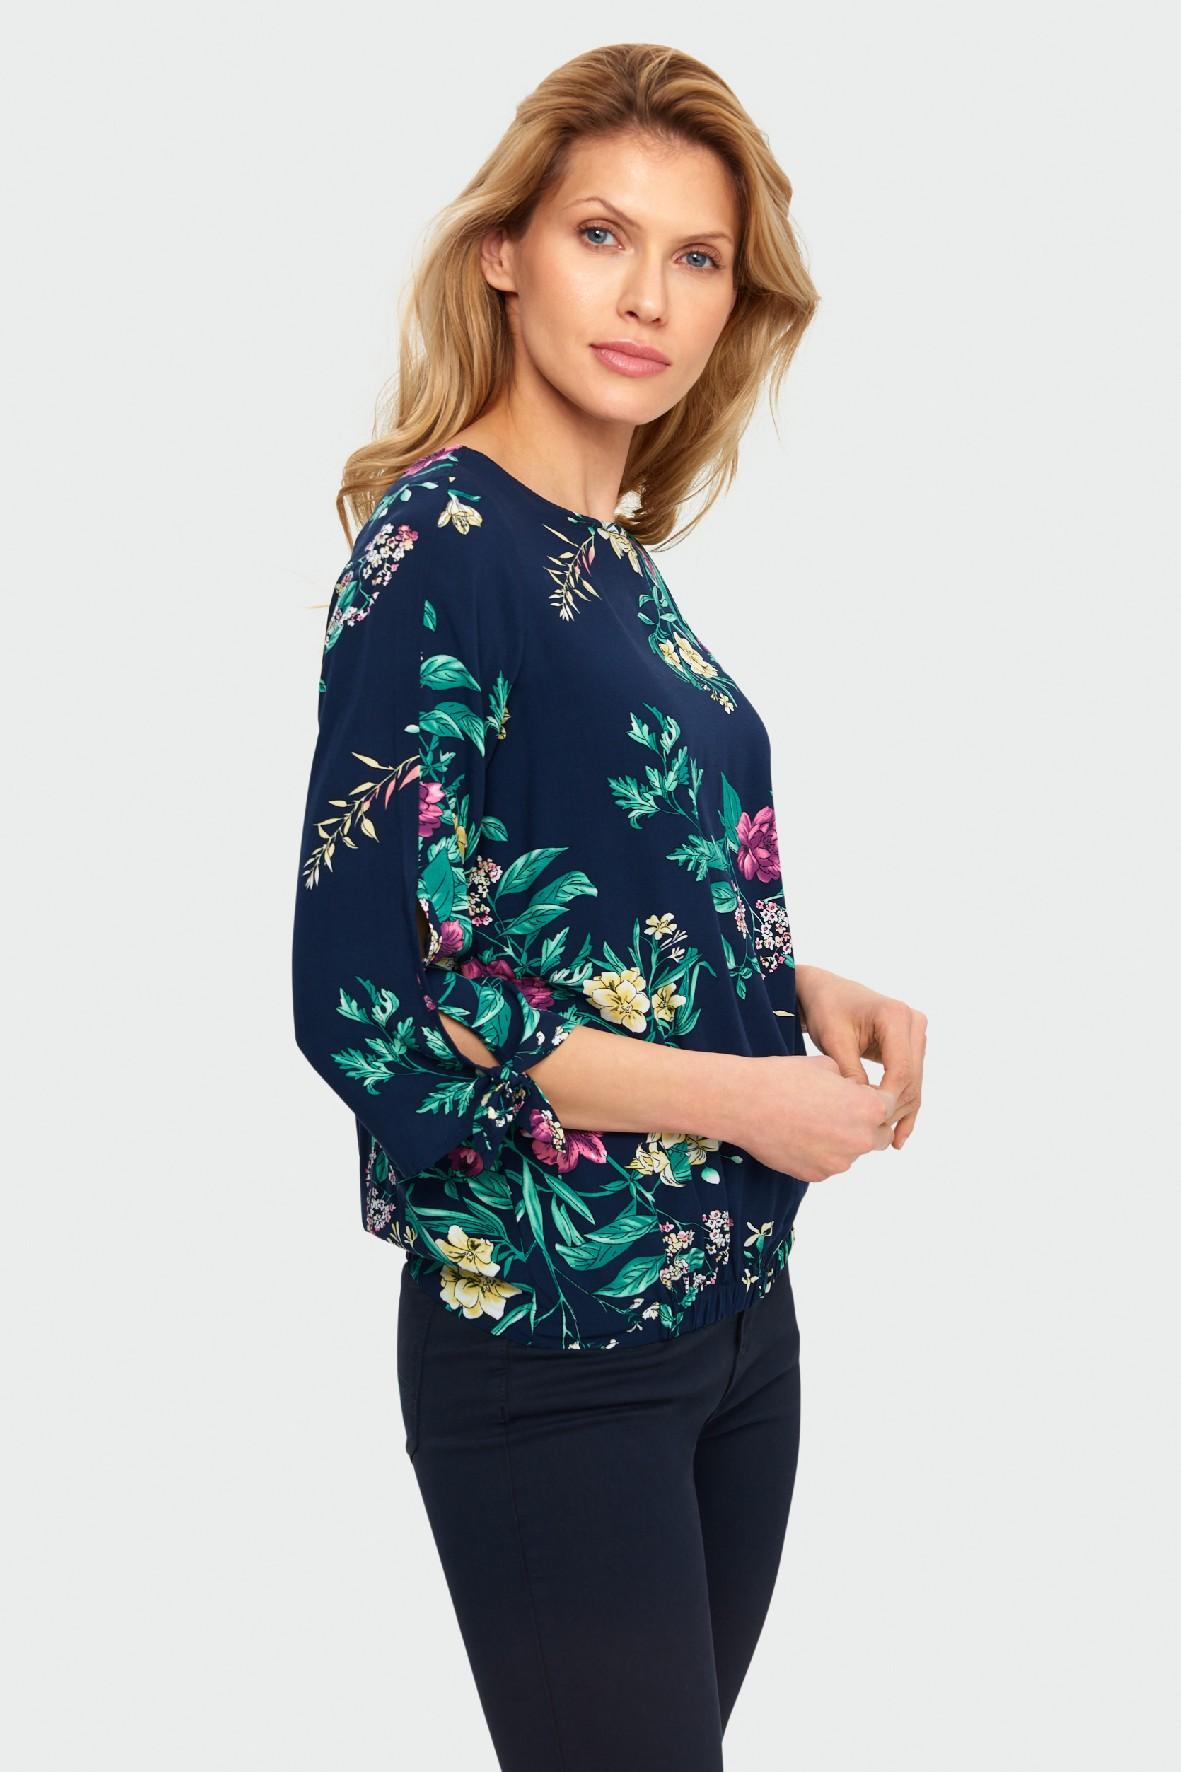 Bluzka damska z motywem kwiatowym